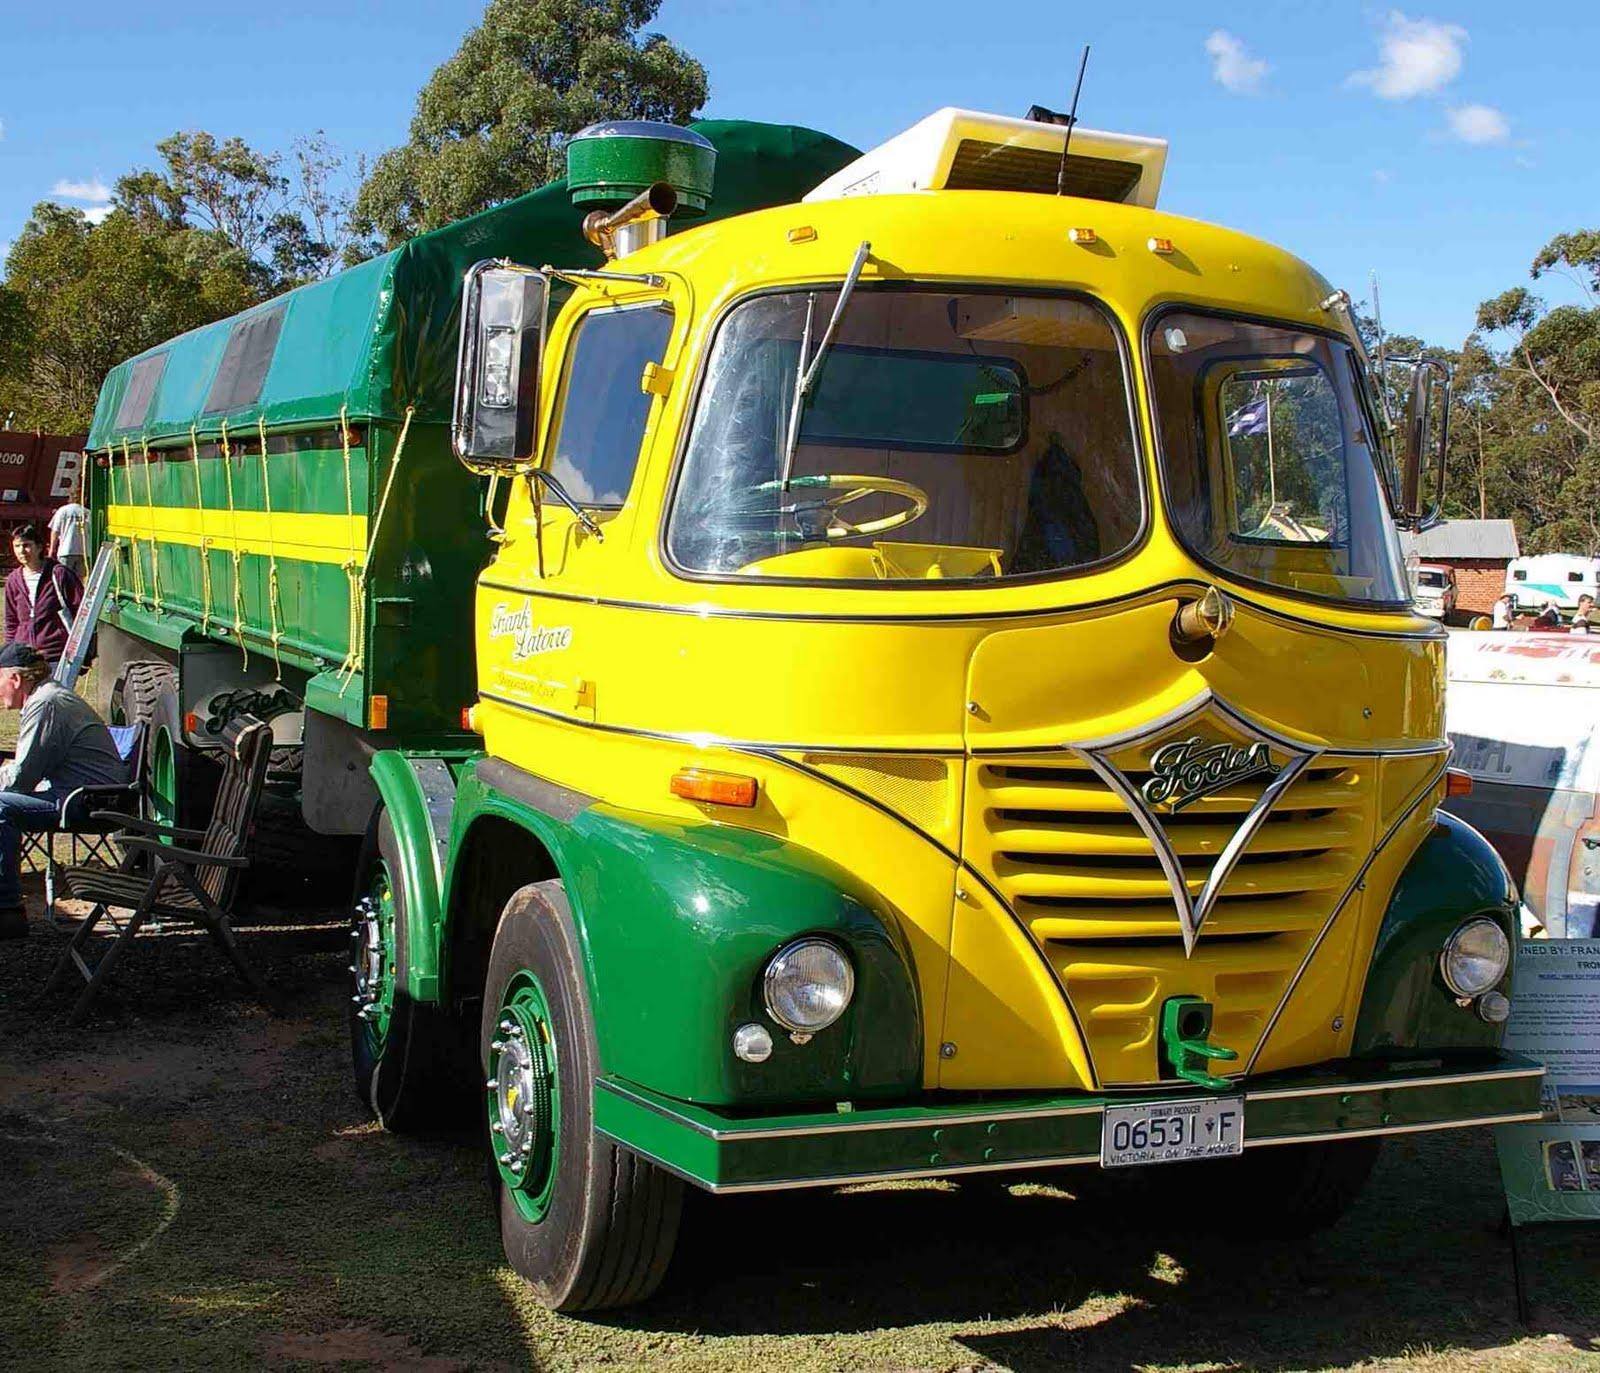 Historic Trucks: Hunter Valley Vintage Truck Muster 2011 - part 1